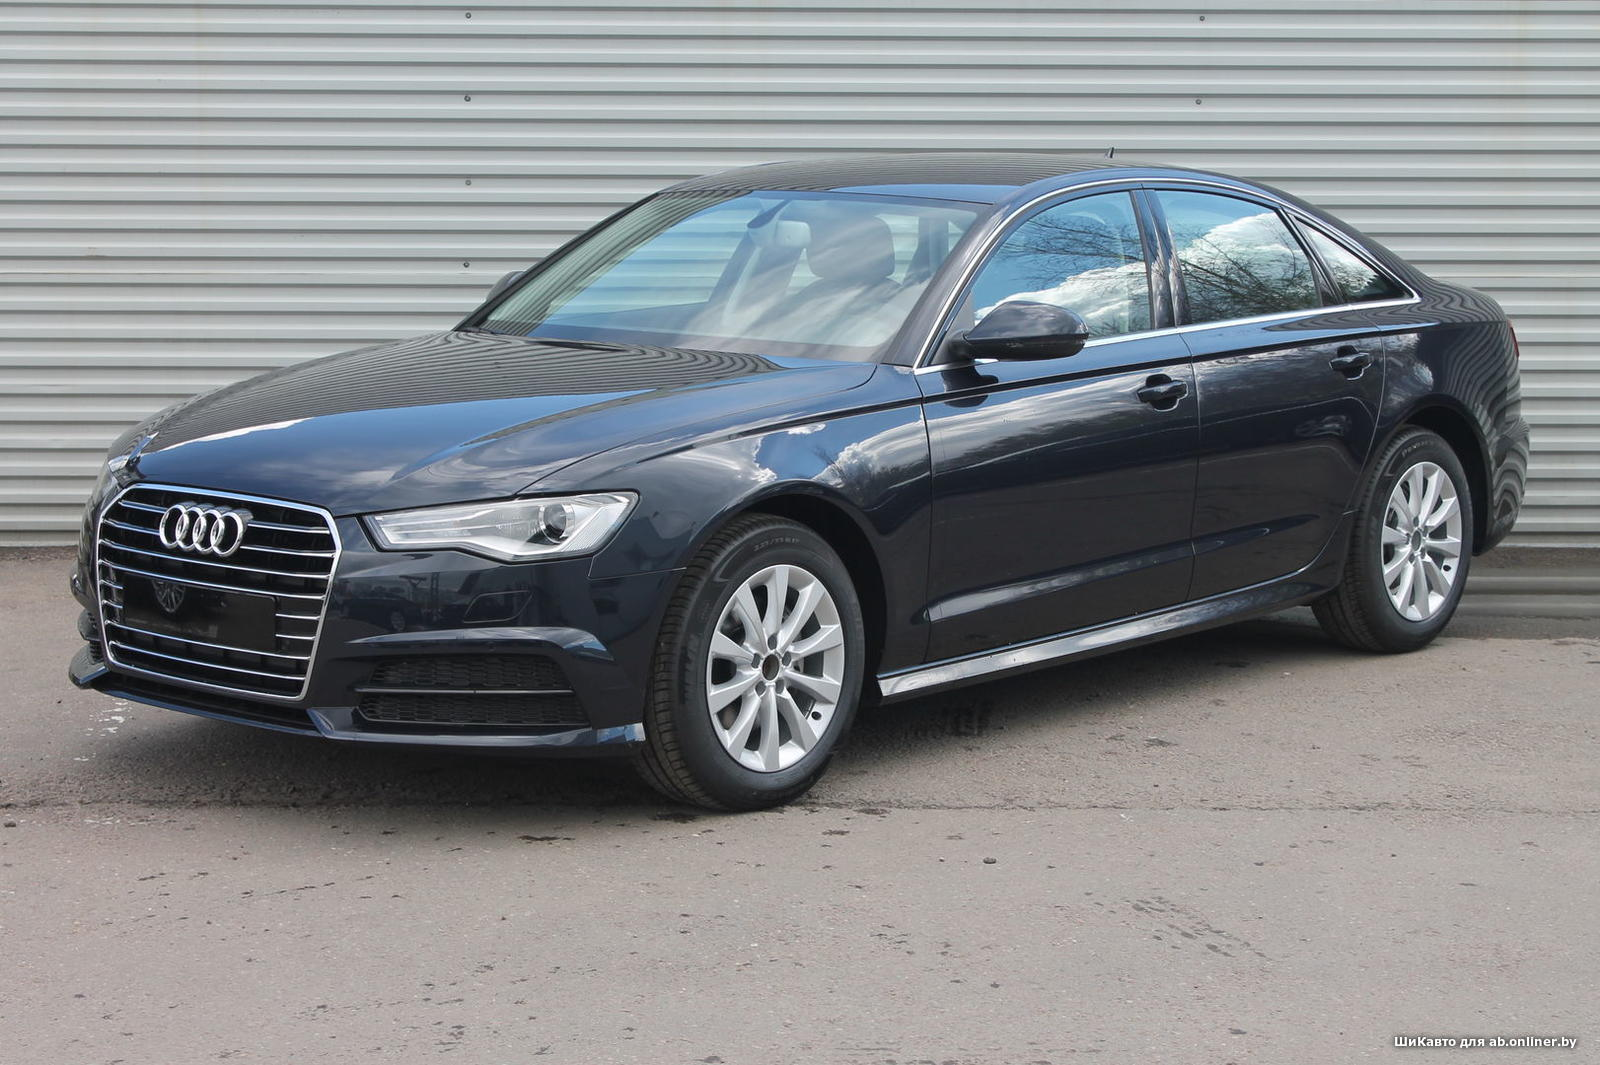 Audi A6 2.0TD S-tronic